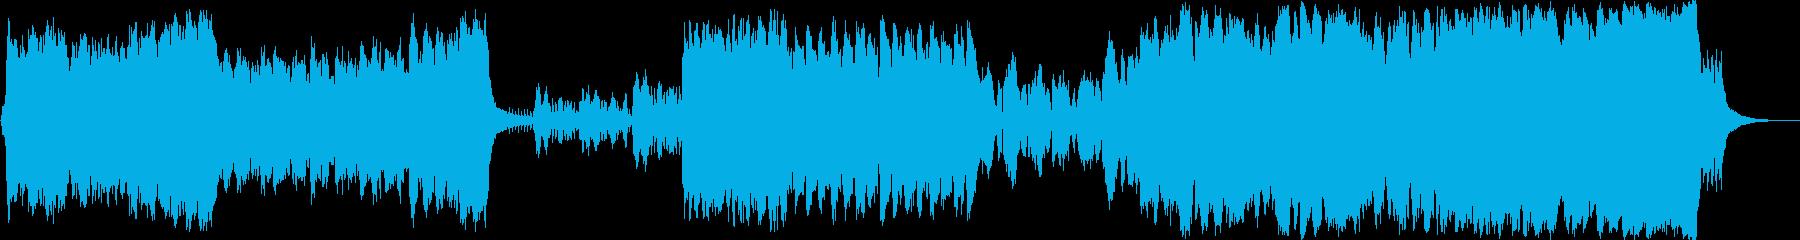 QUEEN'S RESTAURANTの再生済みの波形